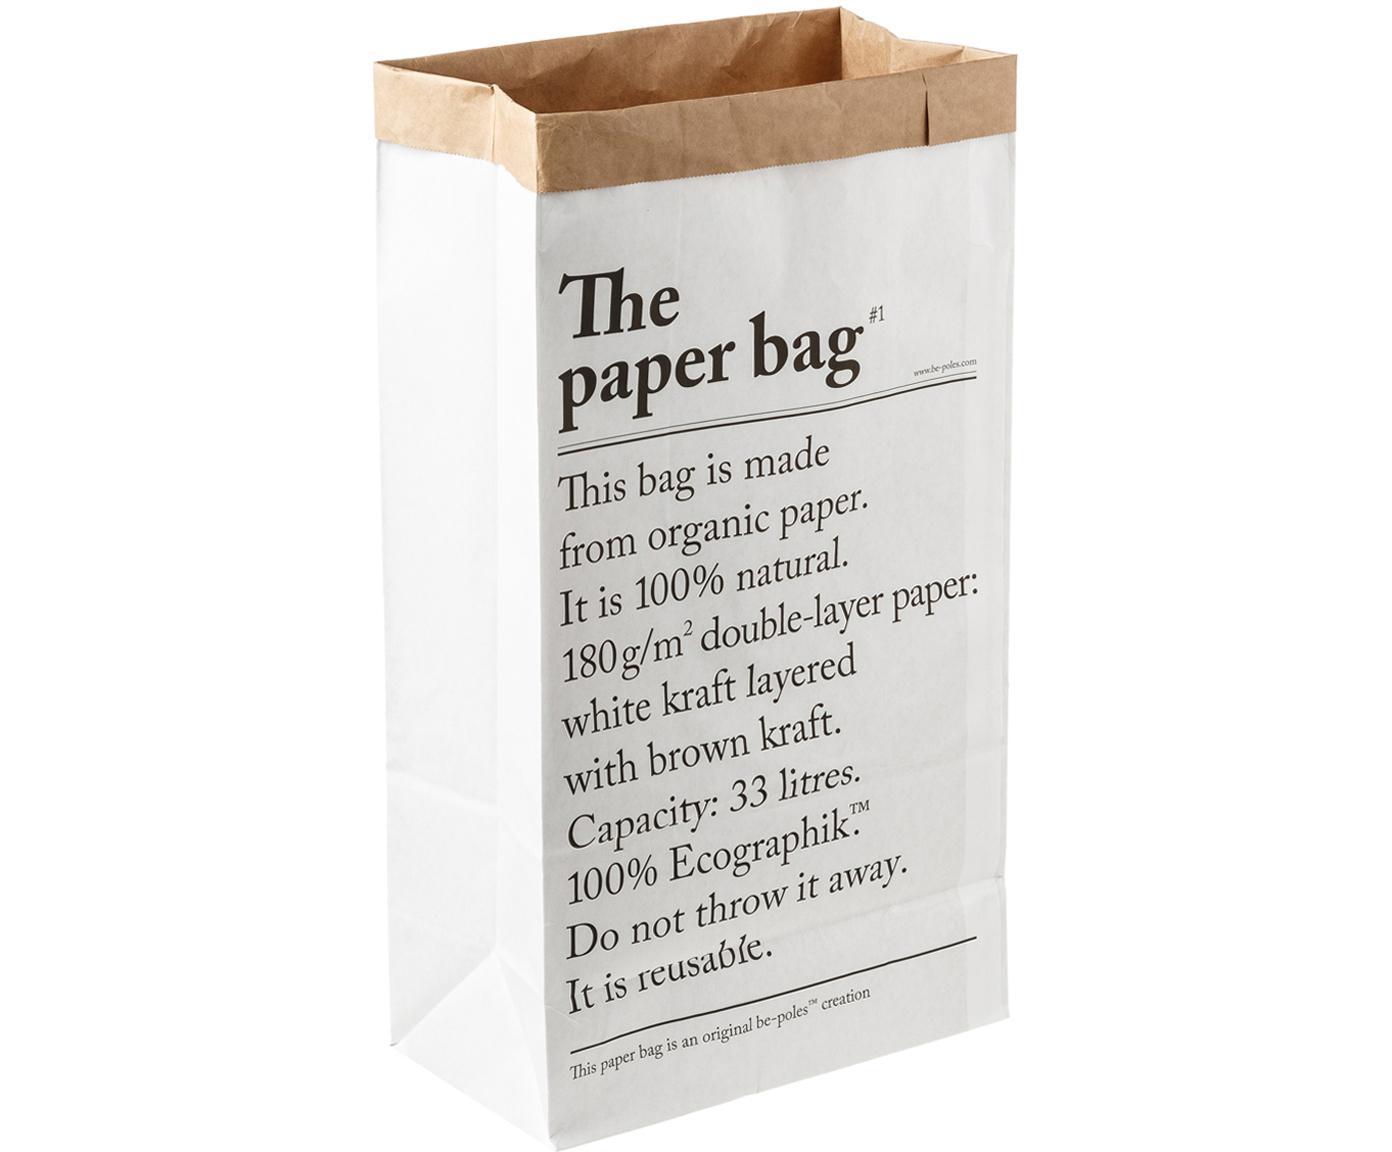 Bolsas de almacenaje Le sac en papier, 2uds., Papel reciclado, Blanco, An 32 x Al 60 cm